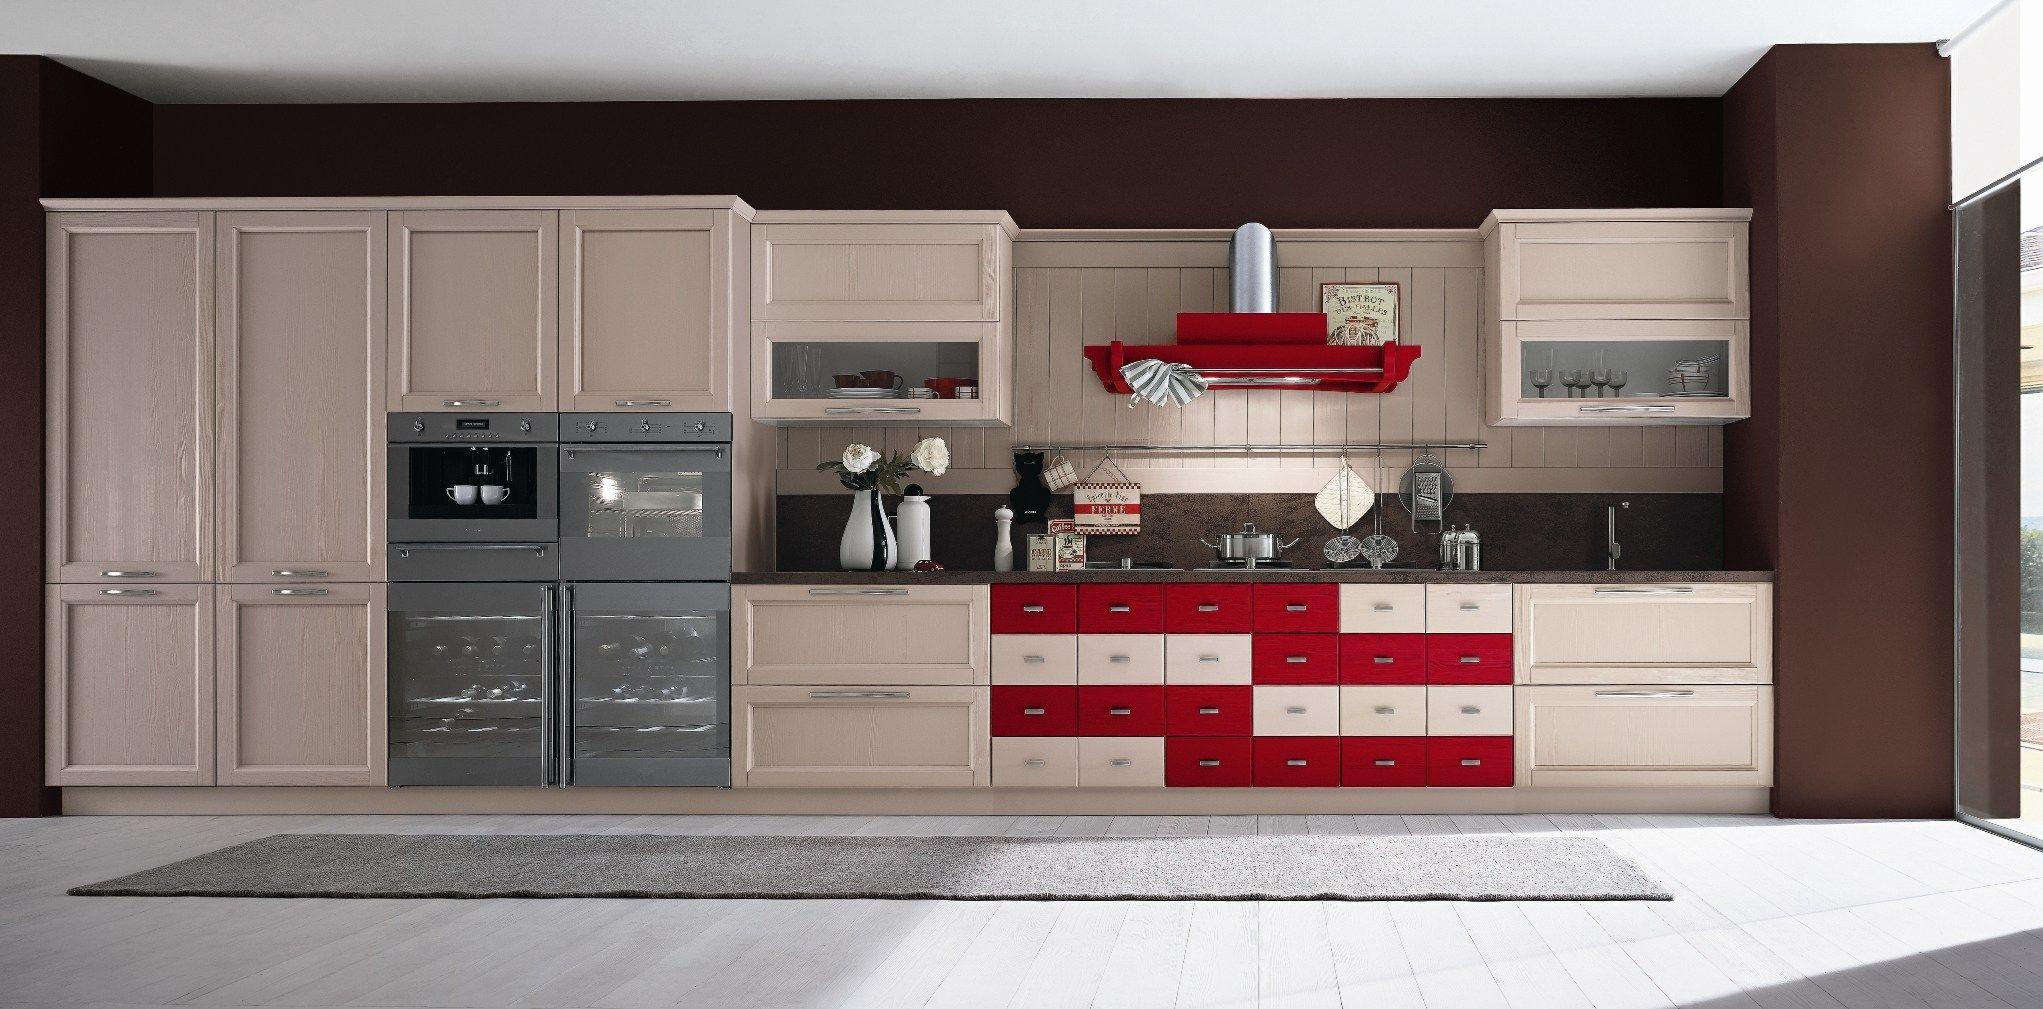 Every day cucina in legno by callesella arredamenti - Callesella cucine prezzi ...